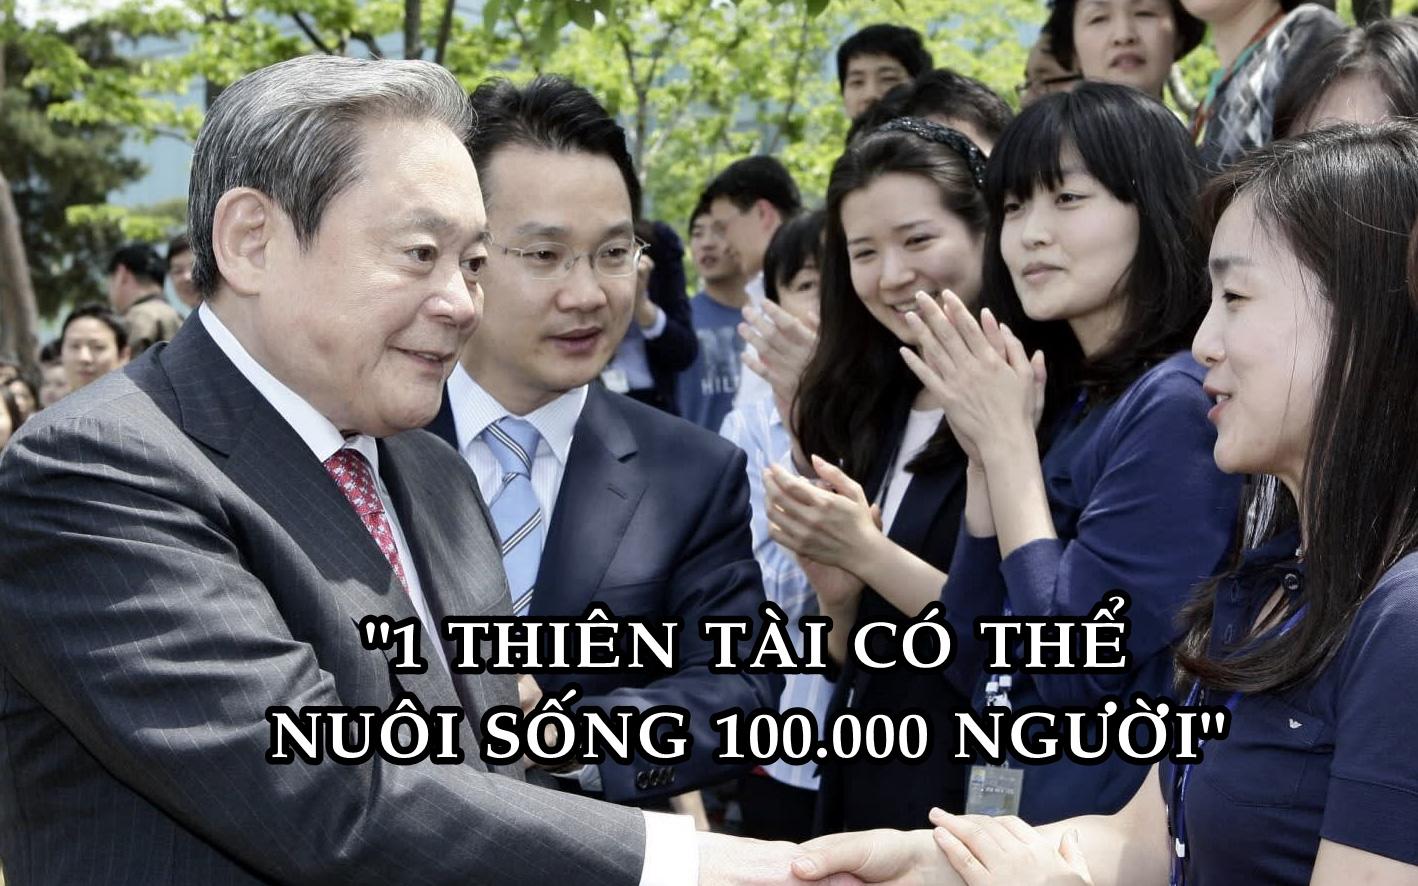 Cố Chủ tịch Samsung: '1 thiên tài có thể nuôi sống 100.000 người'